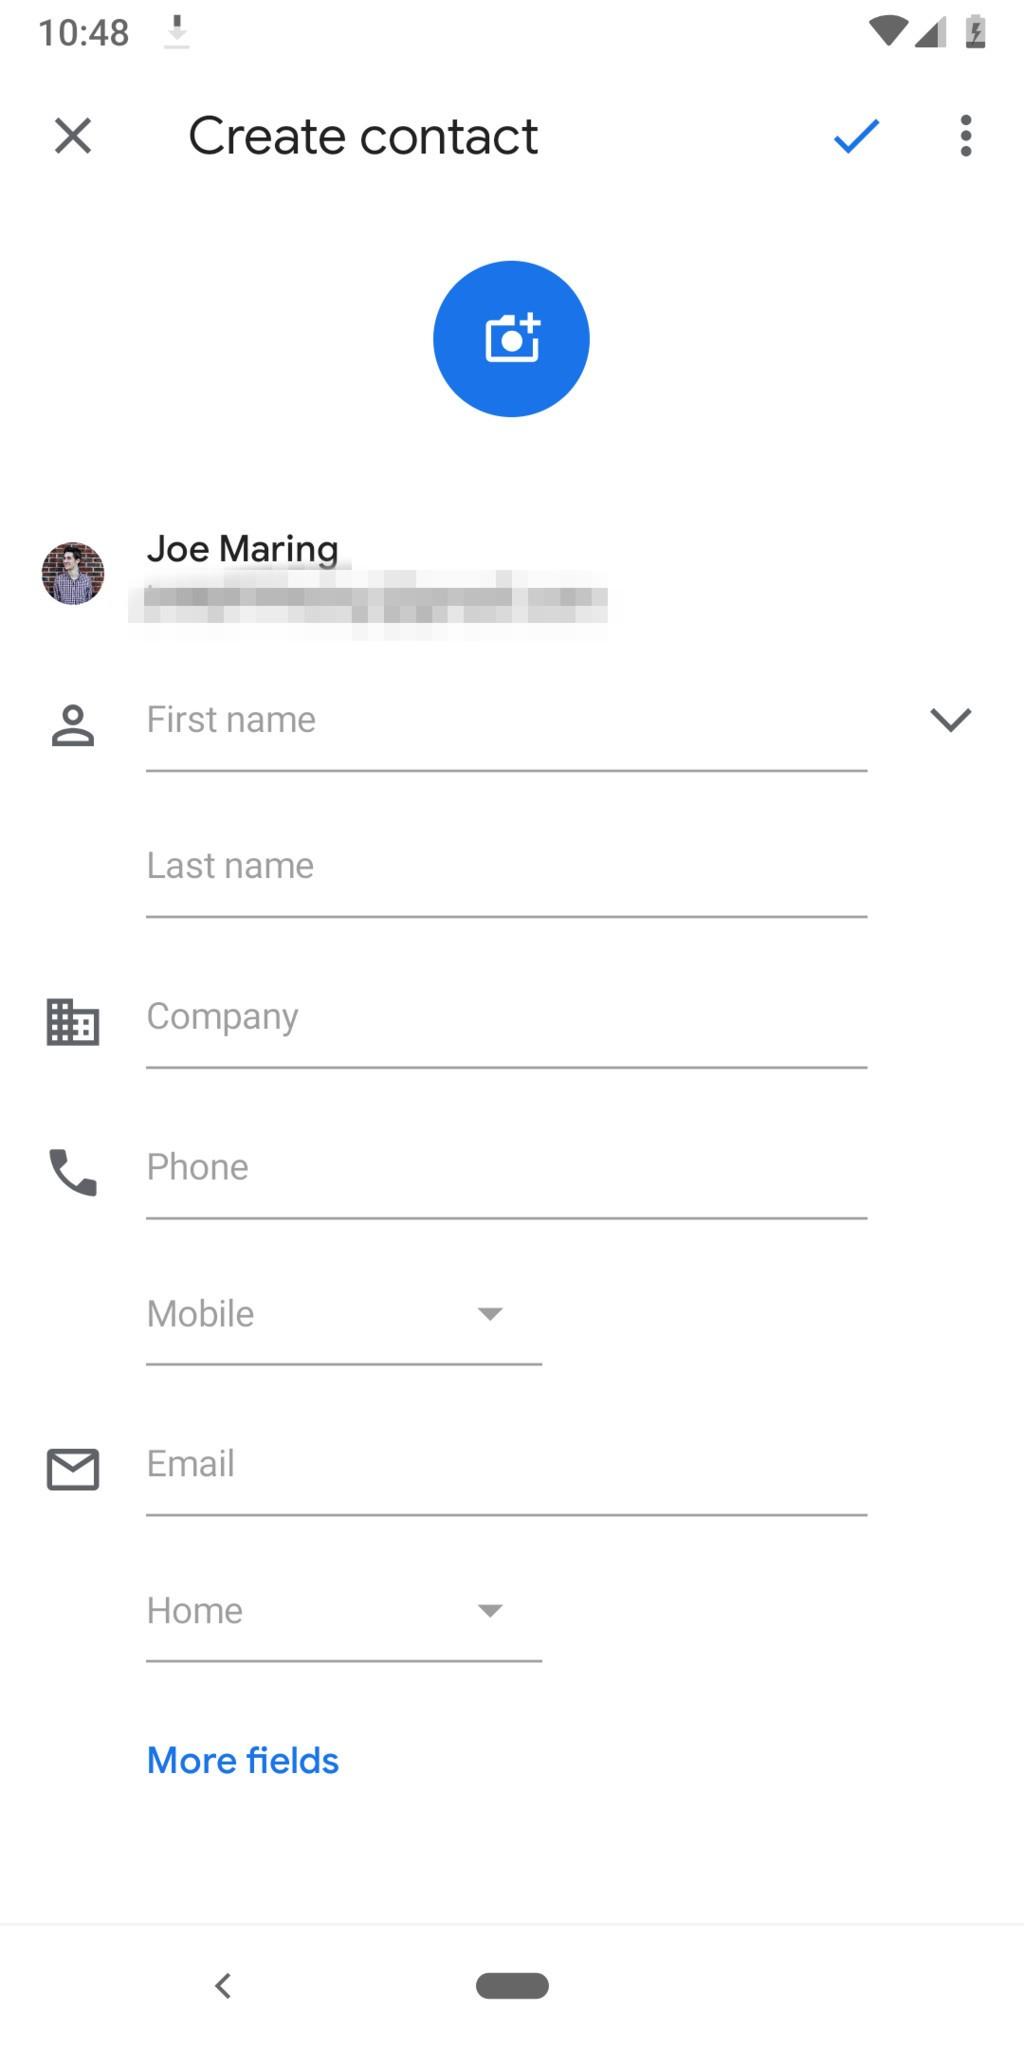 Cách sử dụng WhatsApp trên điện thoại Android cho người mới bắt đầu 1